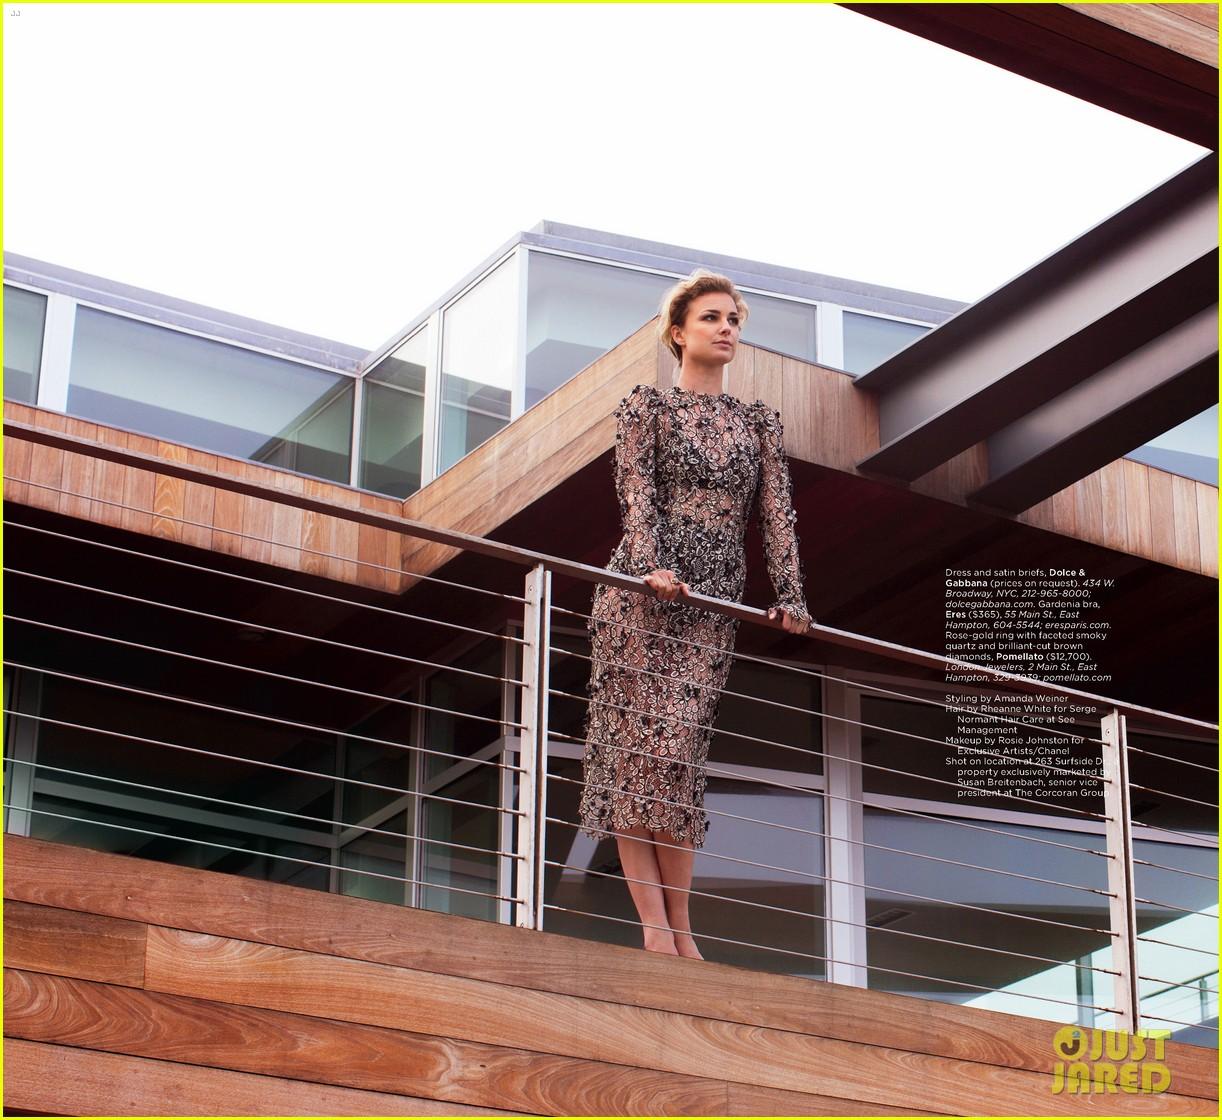 Revenge - saison 2 le 30/09, sur ABC - Page 5 Emily-vancamp-covers-hamptons-magazine-september-2012-02